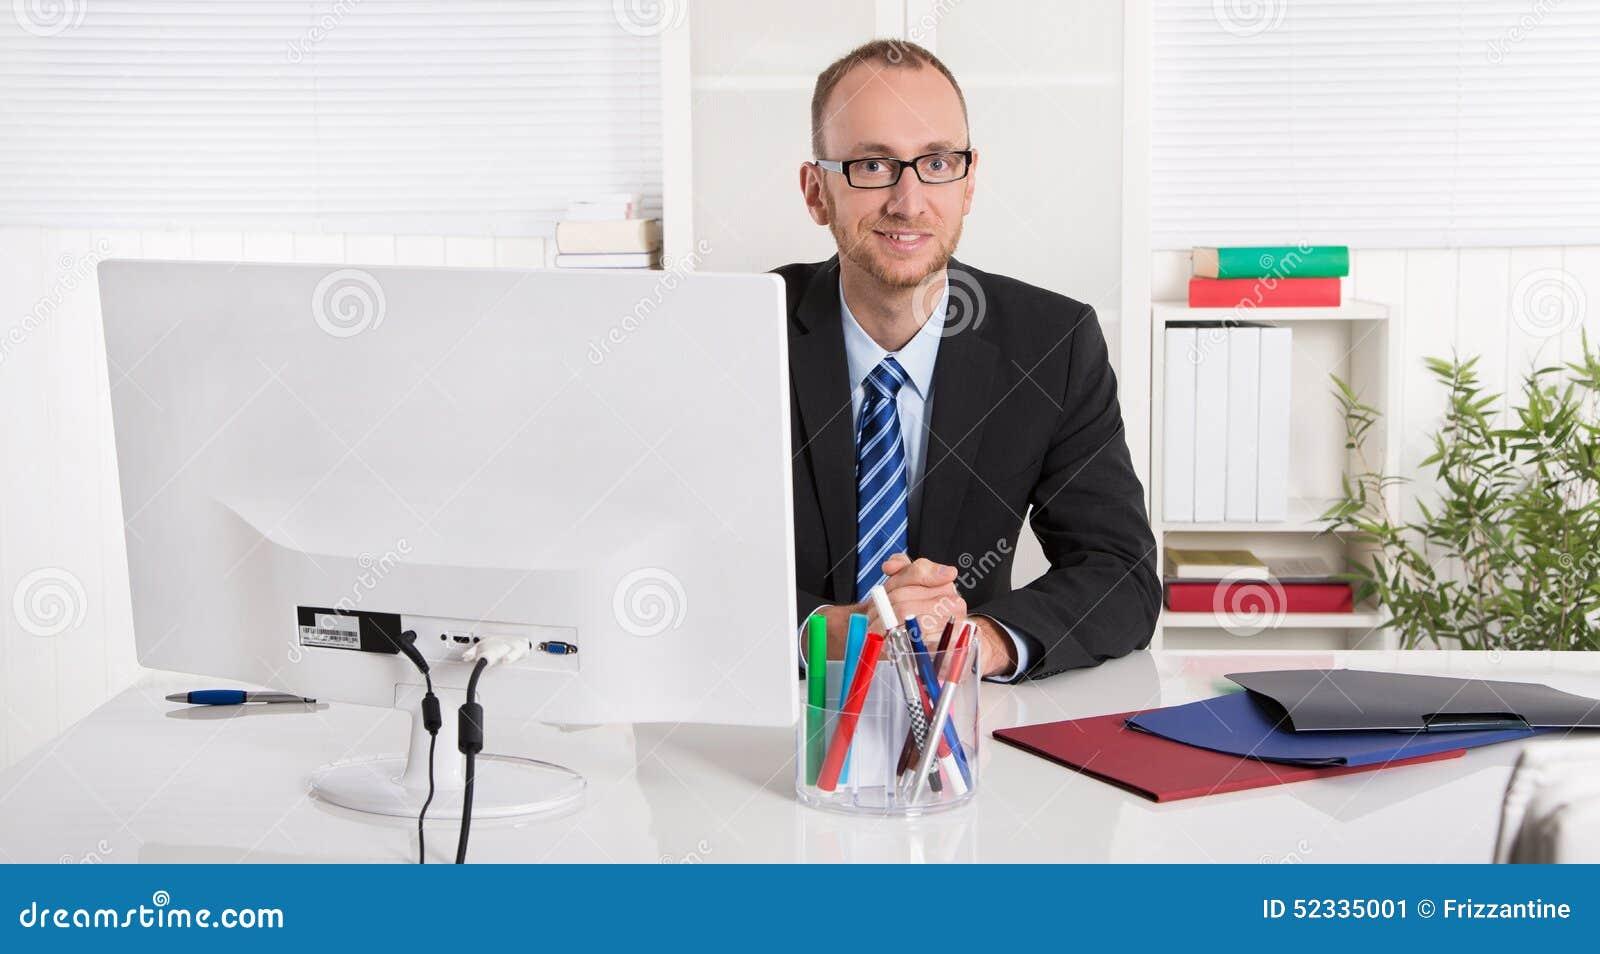 Porträt: Geschäftsmann, der in seinem Büro mit Anzug und Bindung sitzt